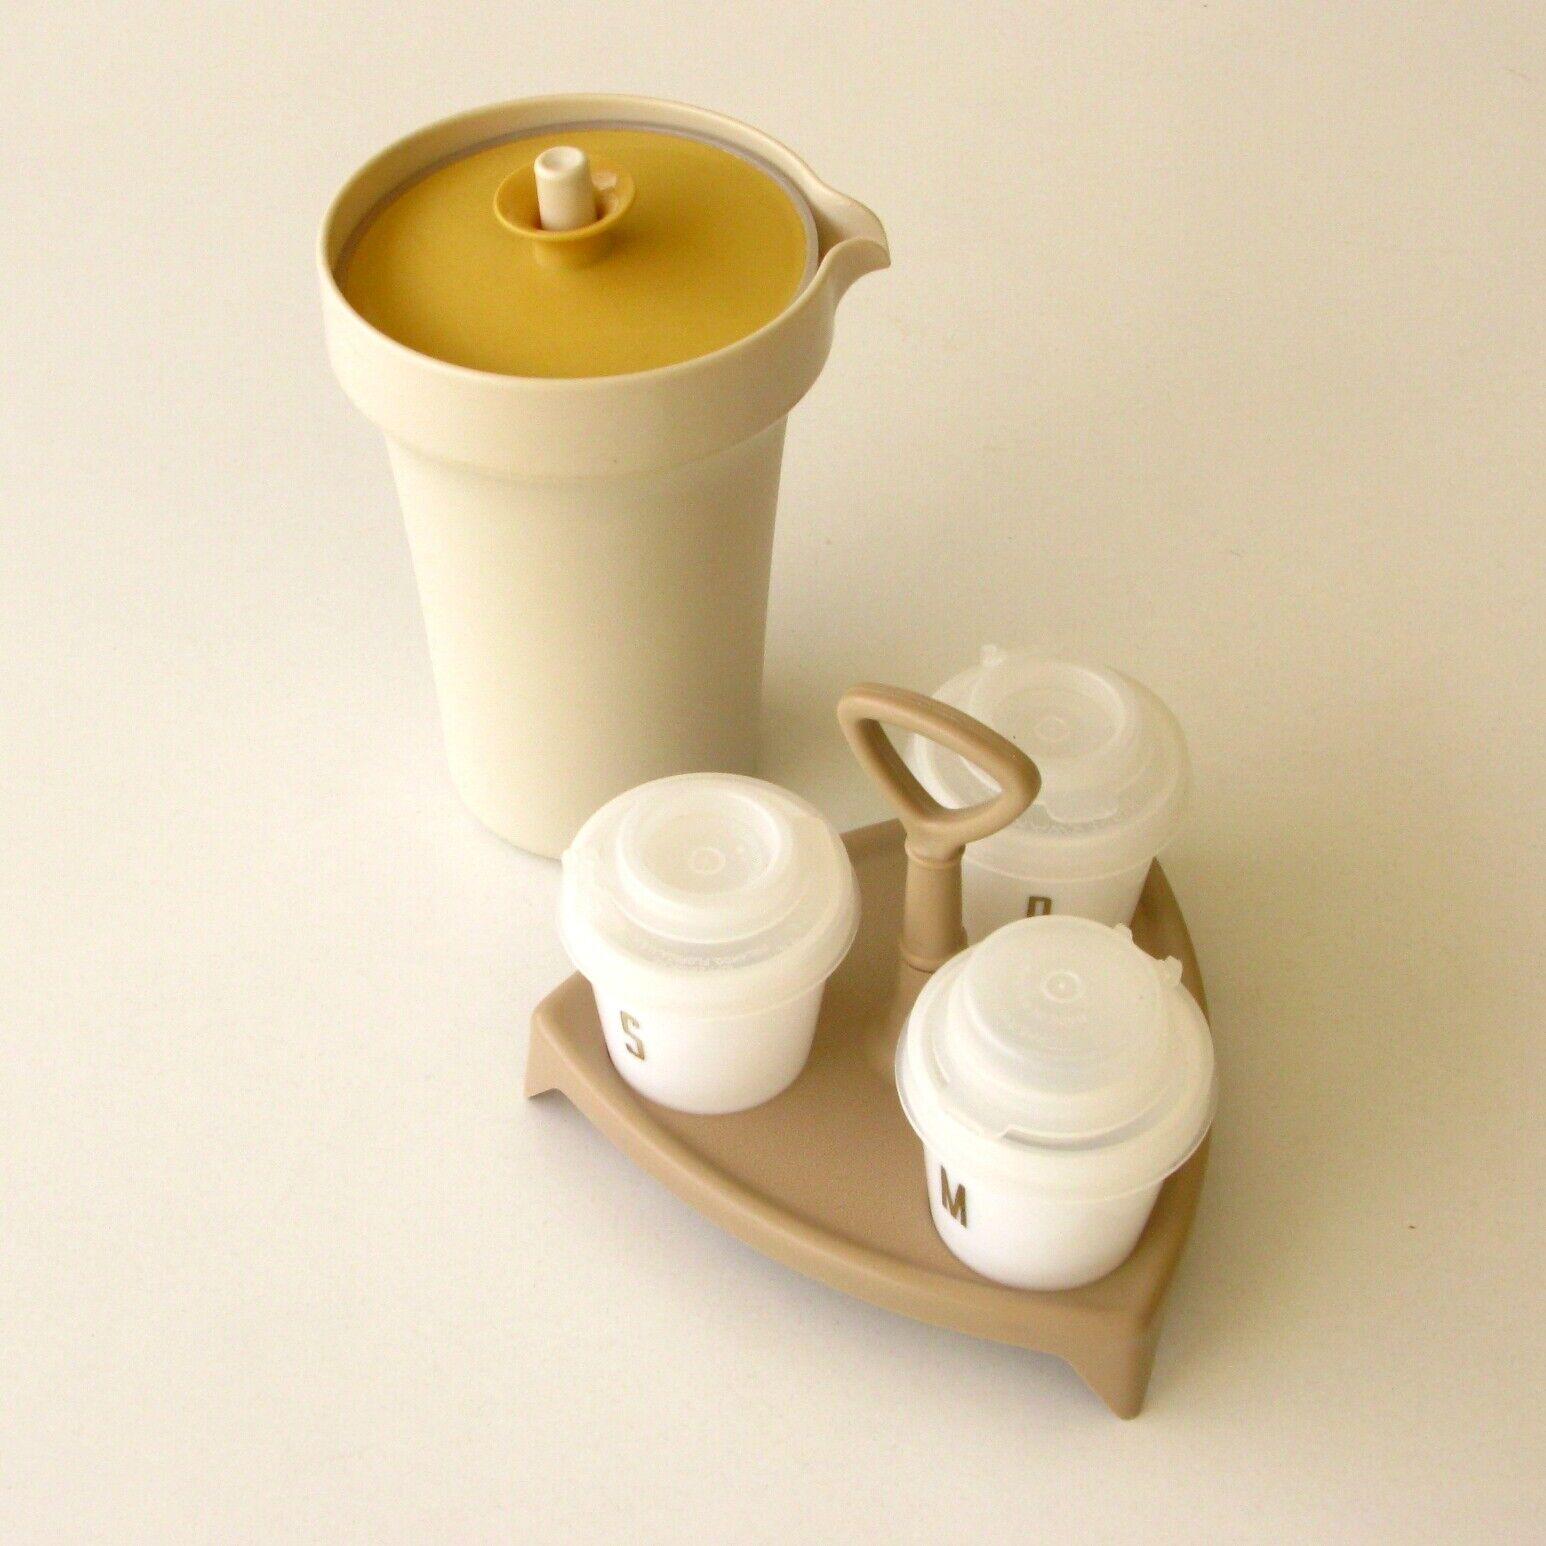 Sel poivre et moutarde et vinaigrier - tupperware - camping - vintage - tbe